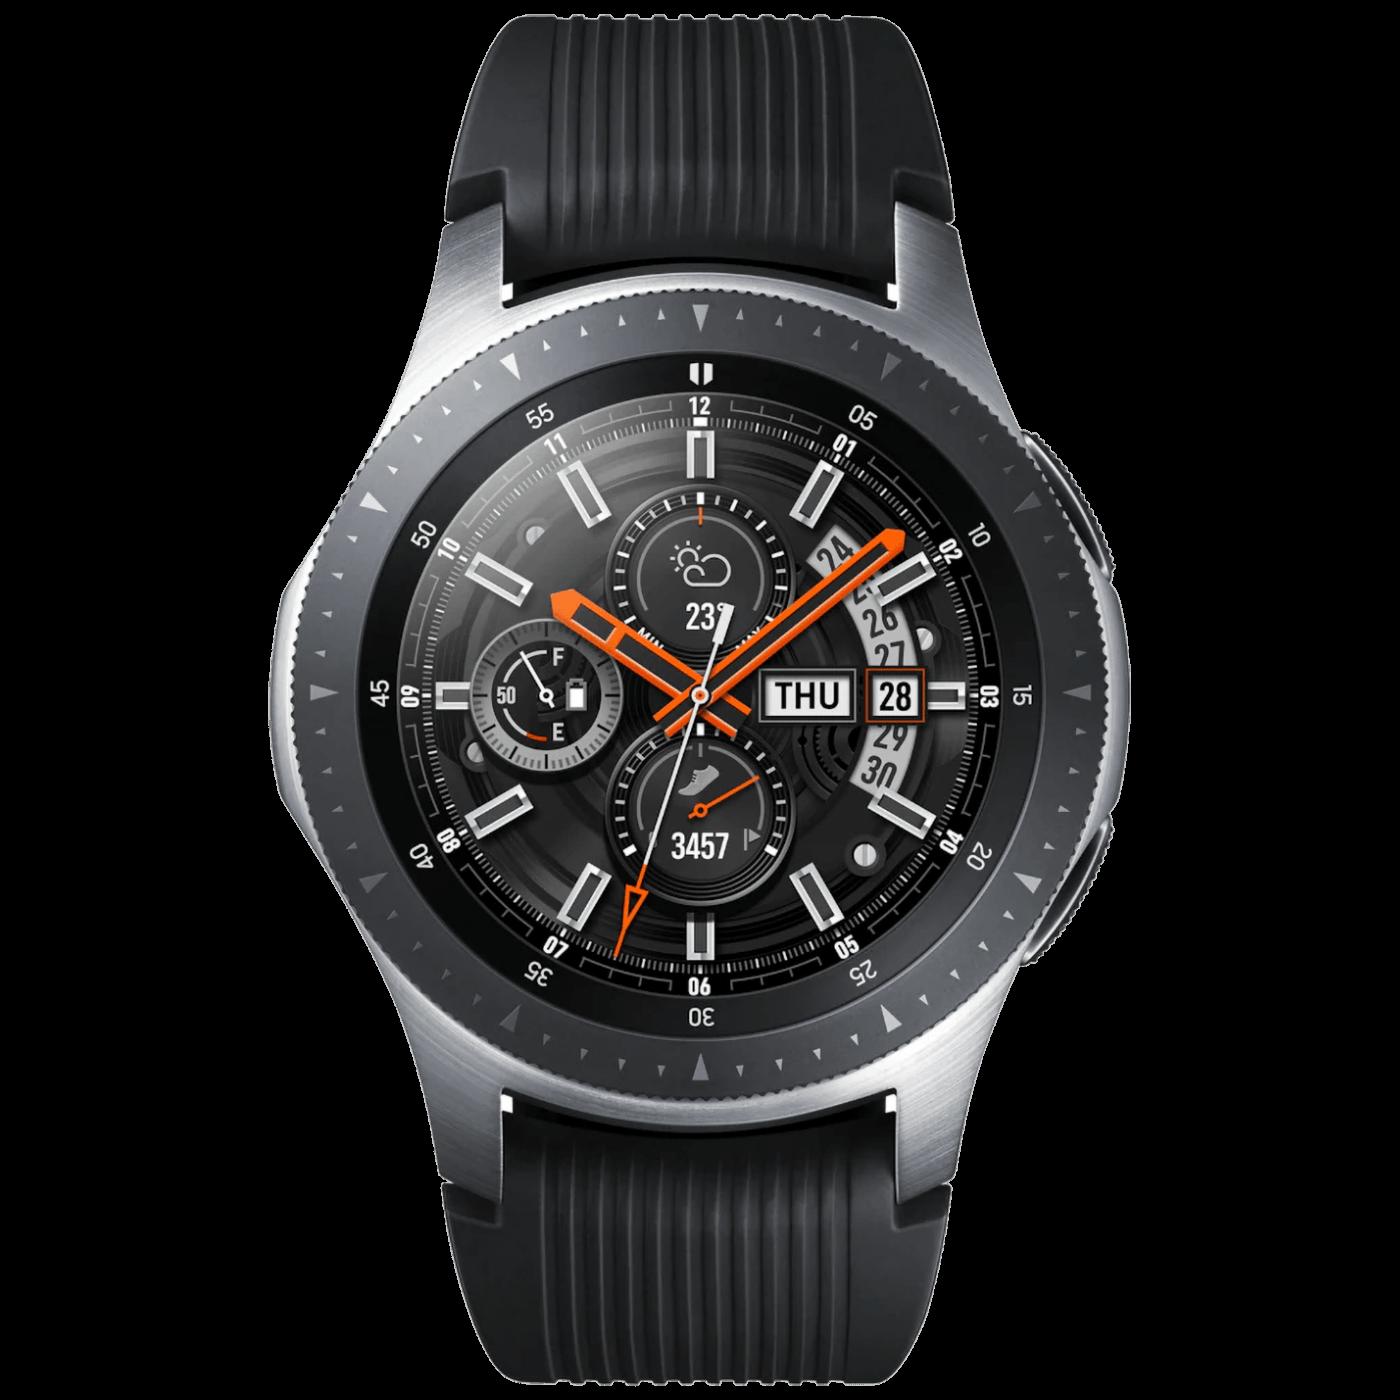 Samsung - Galaxy Watch R 800